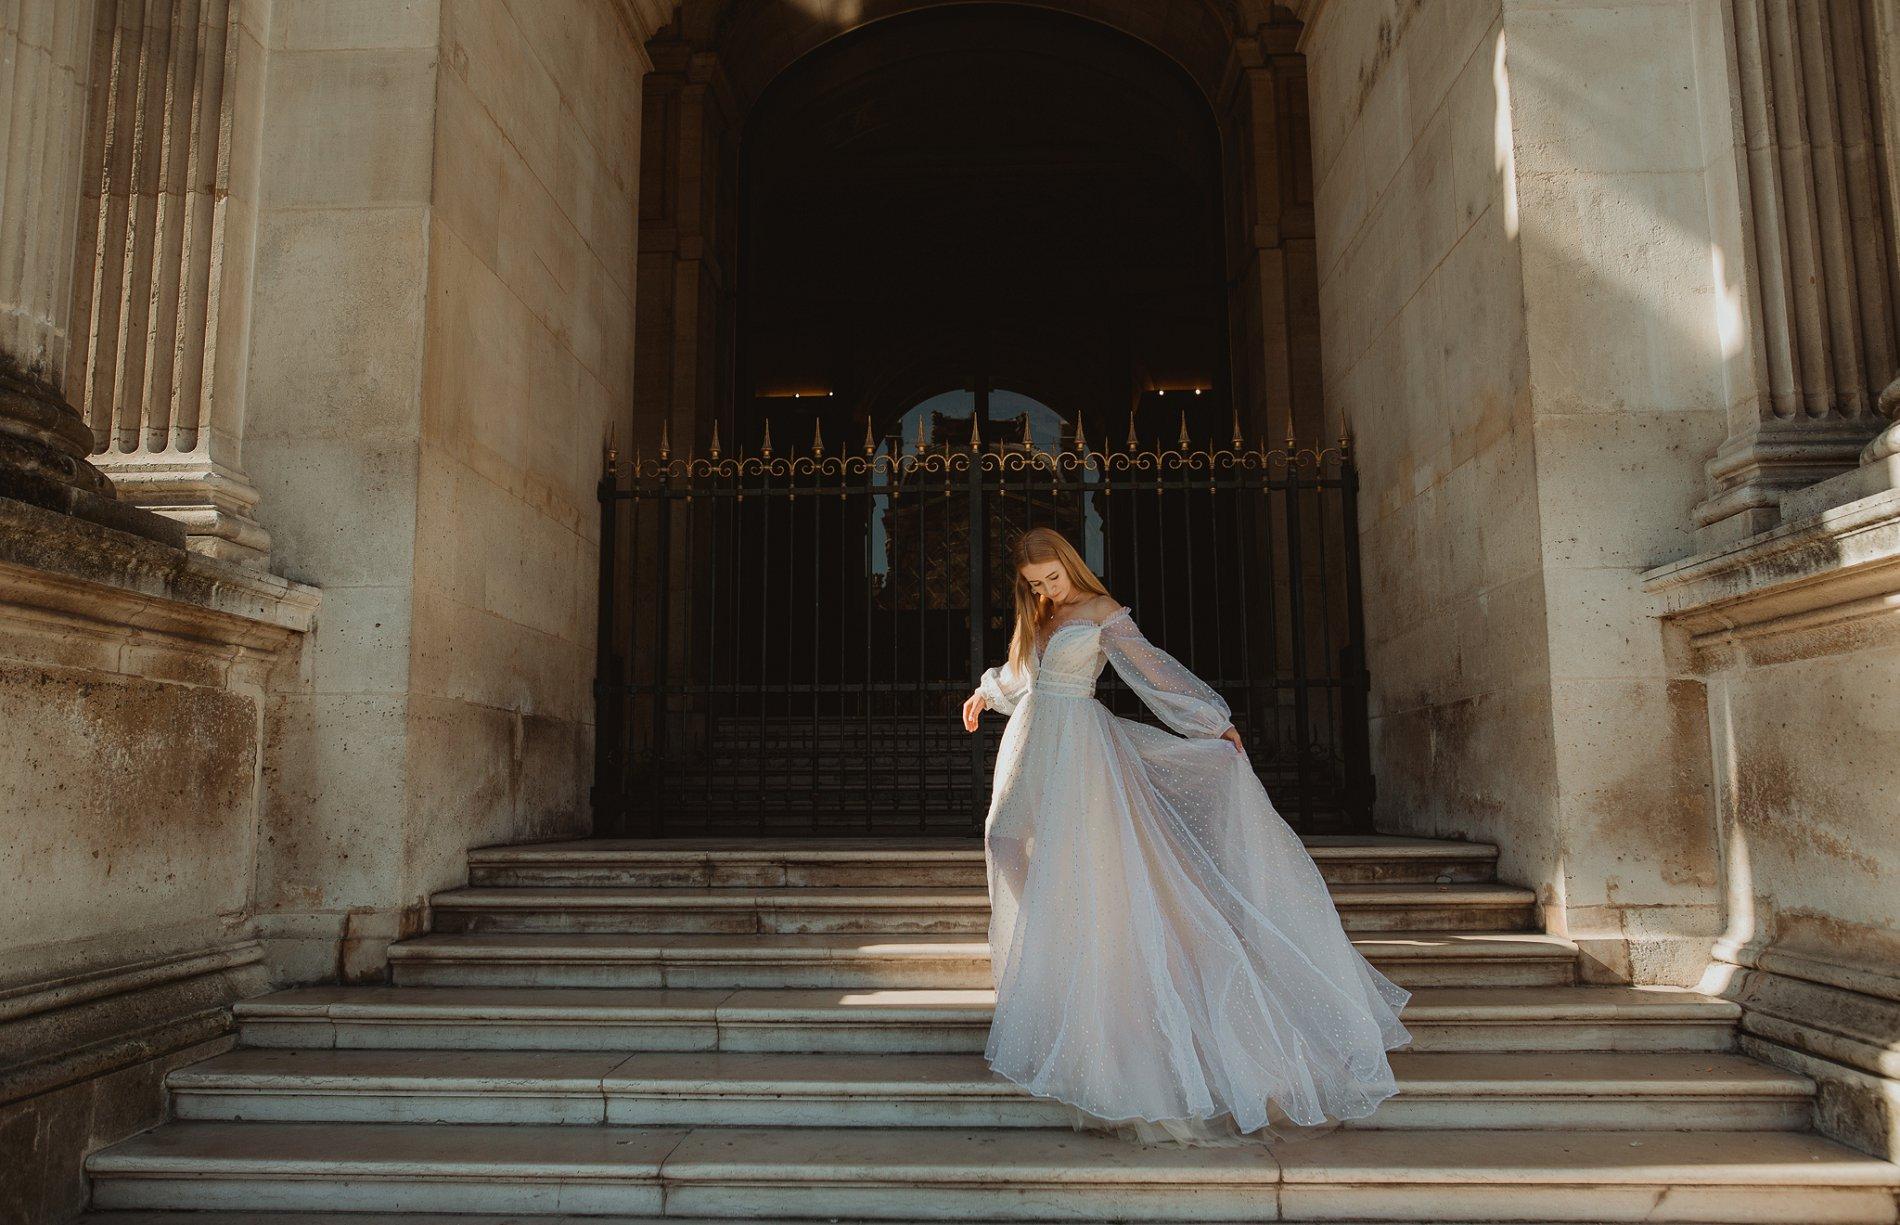 Miss He Bridal Romantic Paris Elopement (c) Xanthe Rowland Photography (31)